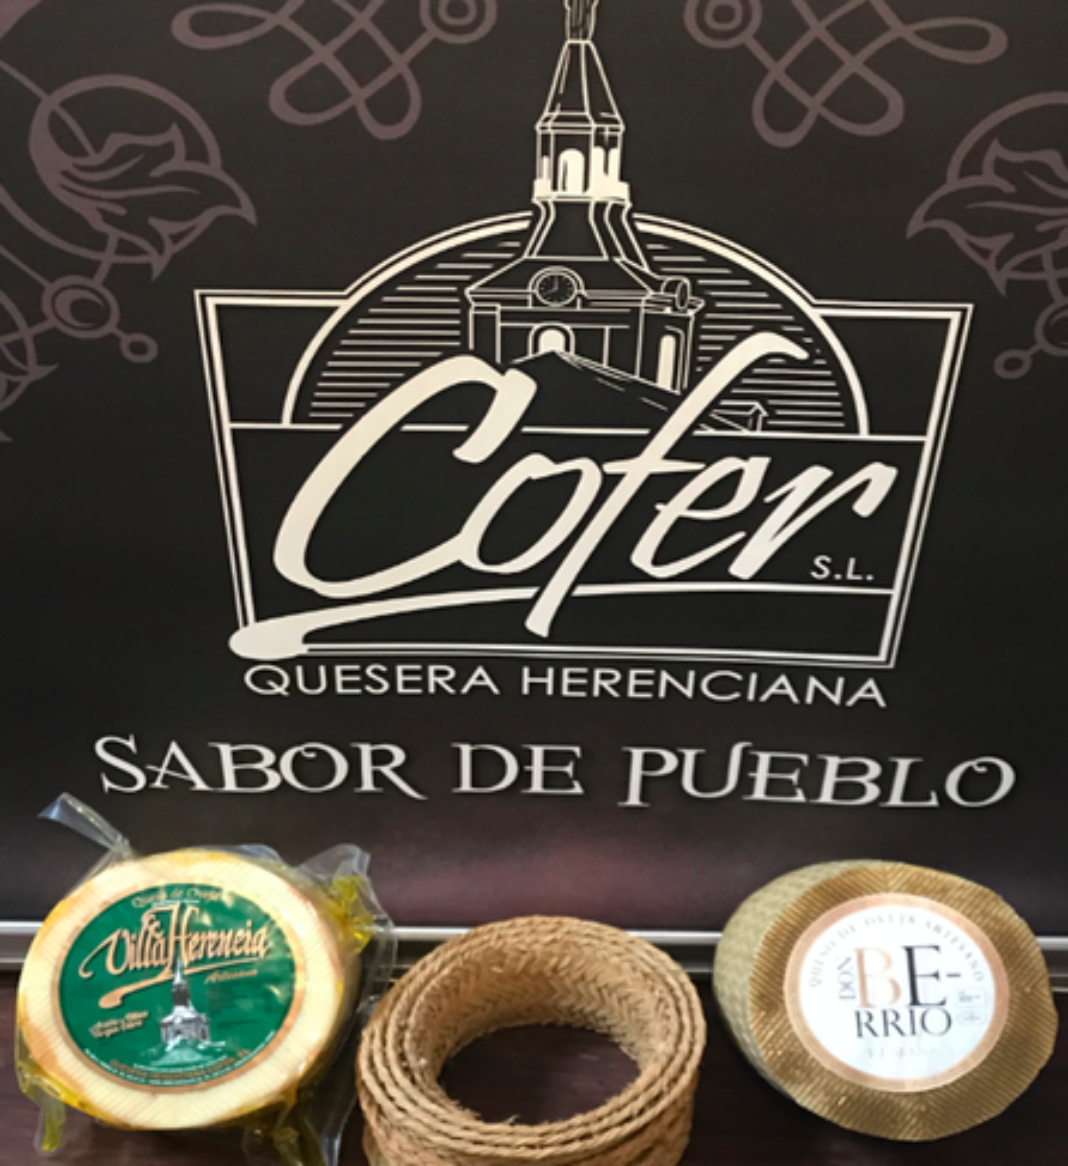 World Cheese Awards premia a los que quesos de Quesera Herenciana Cofer 4